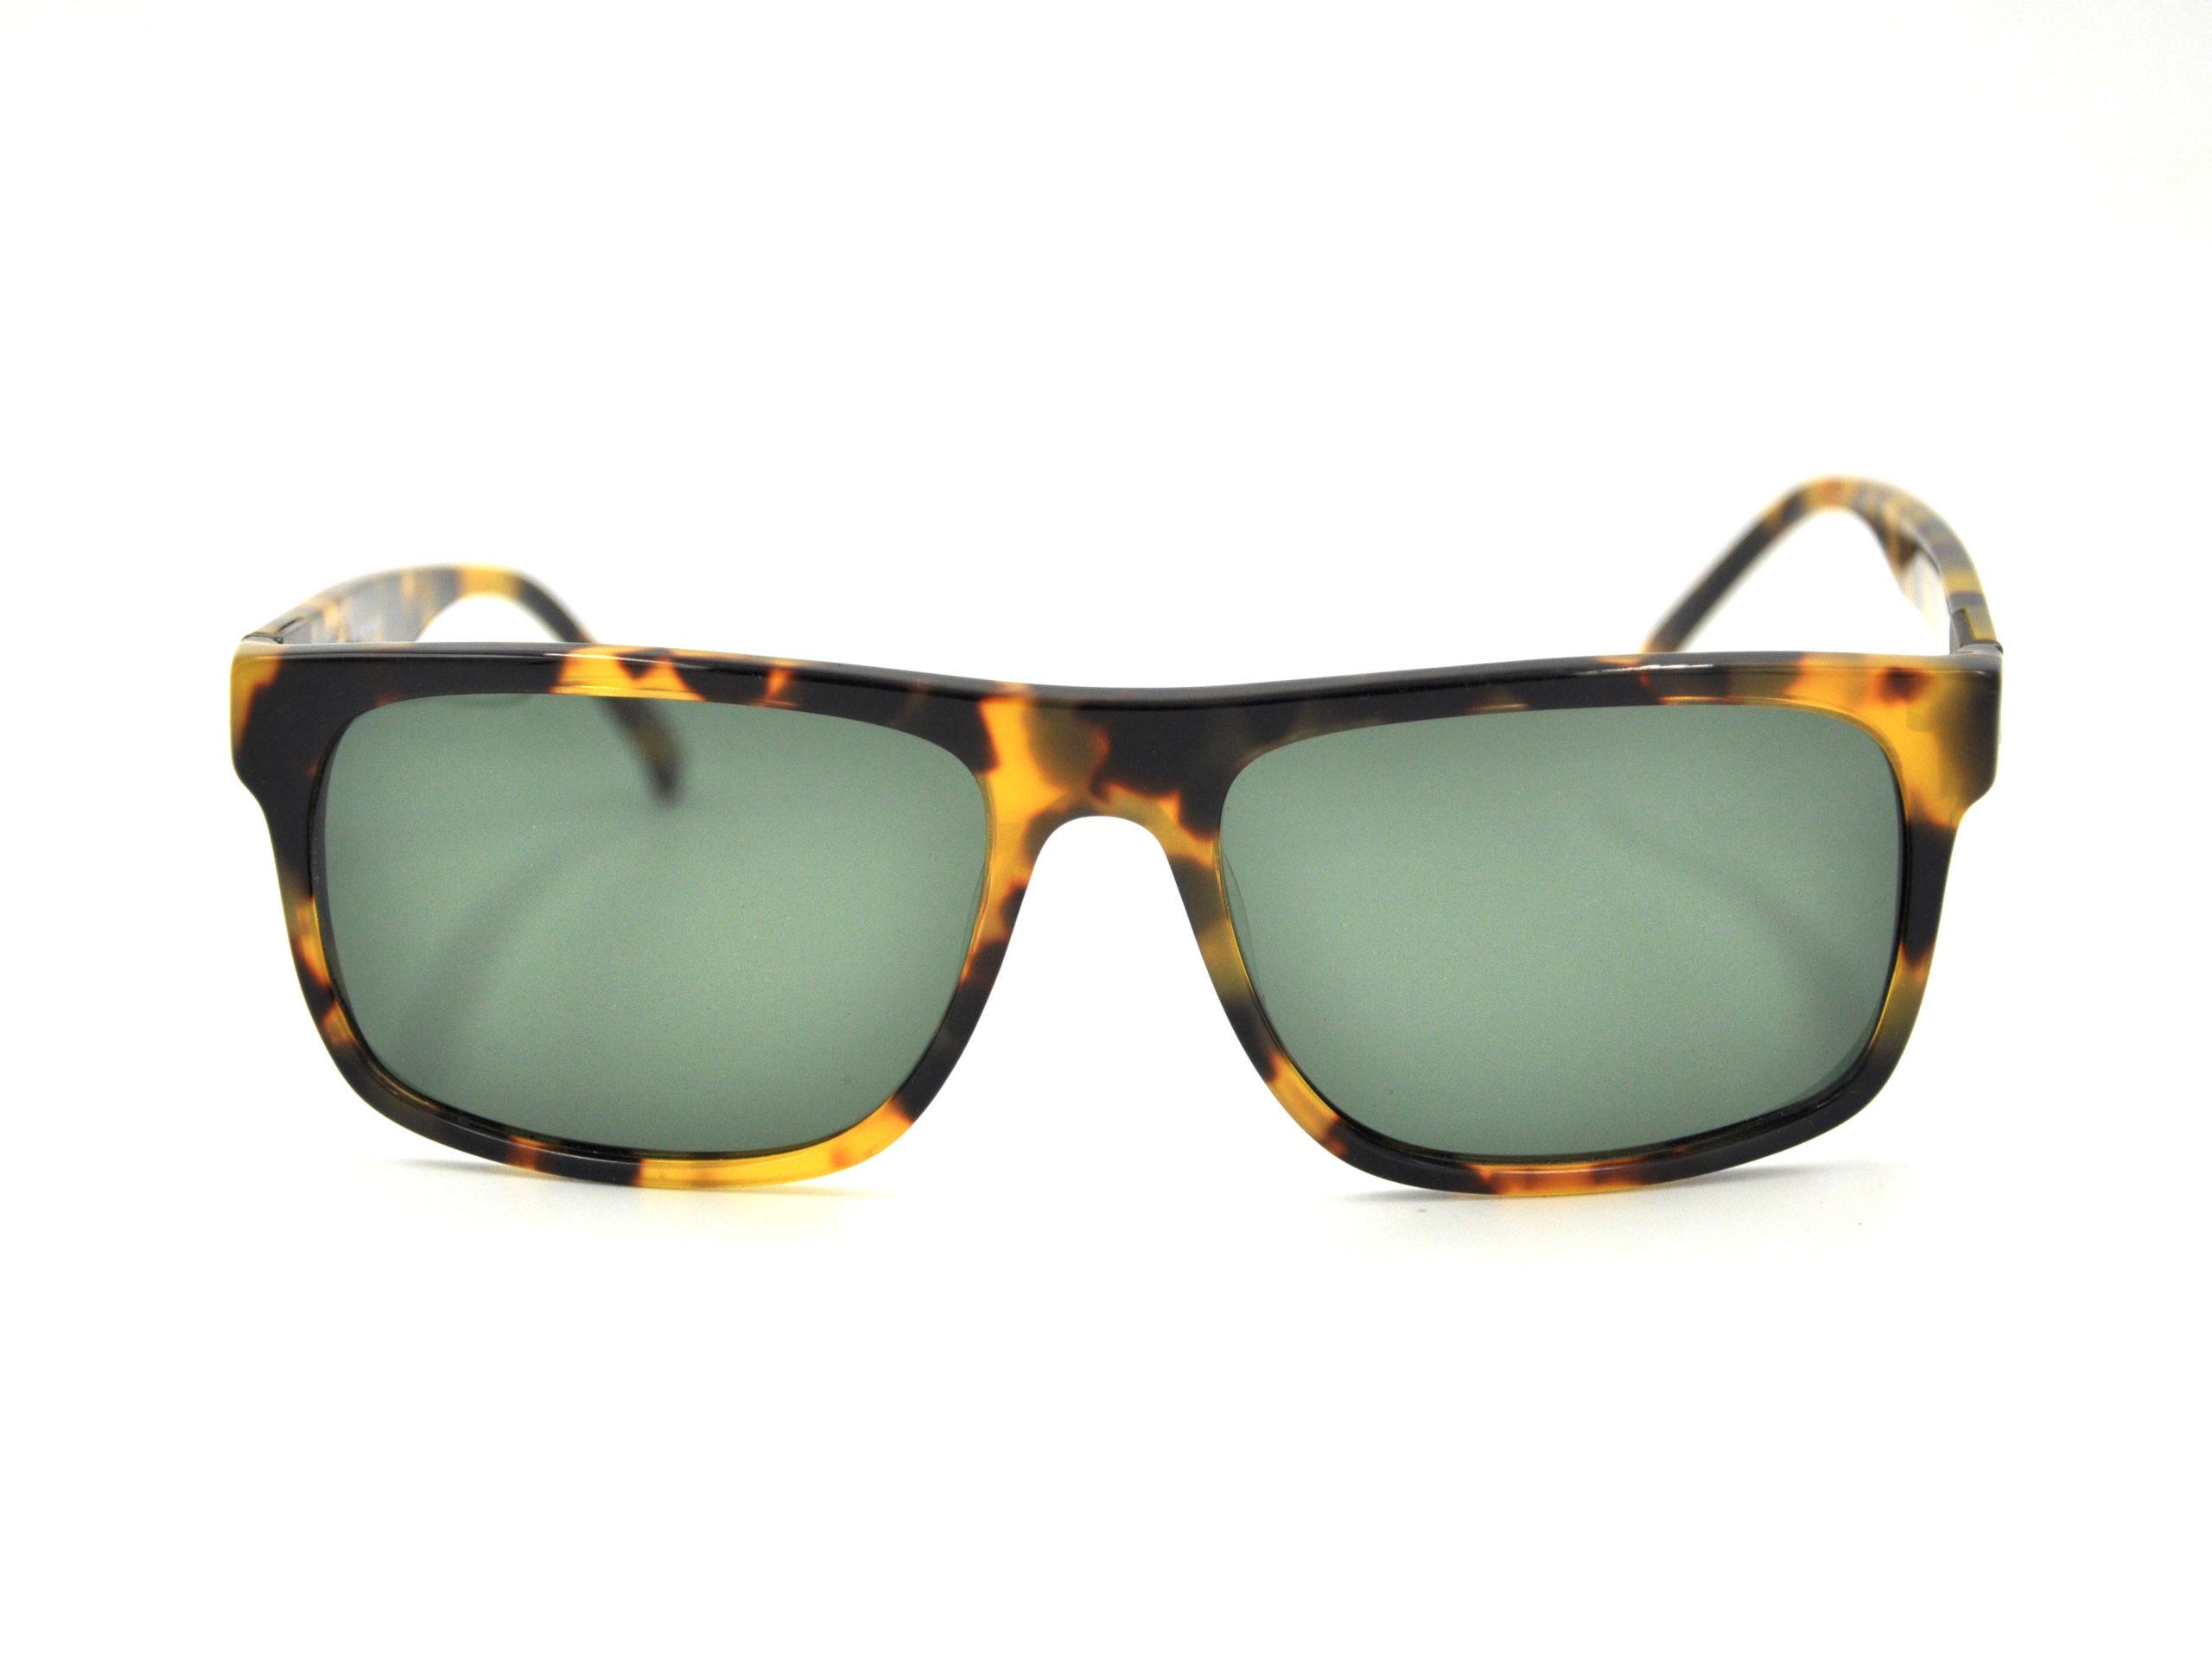 Γυαλιά ηλίου Ridley RD6317 RX03 Πειραιάς